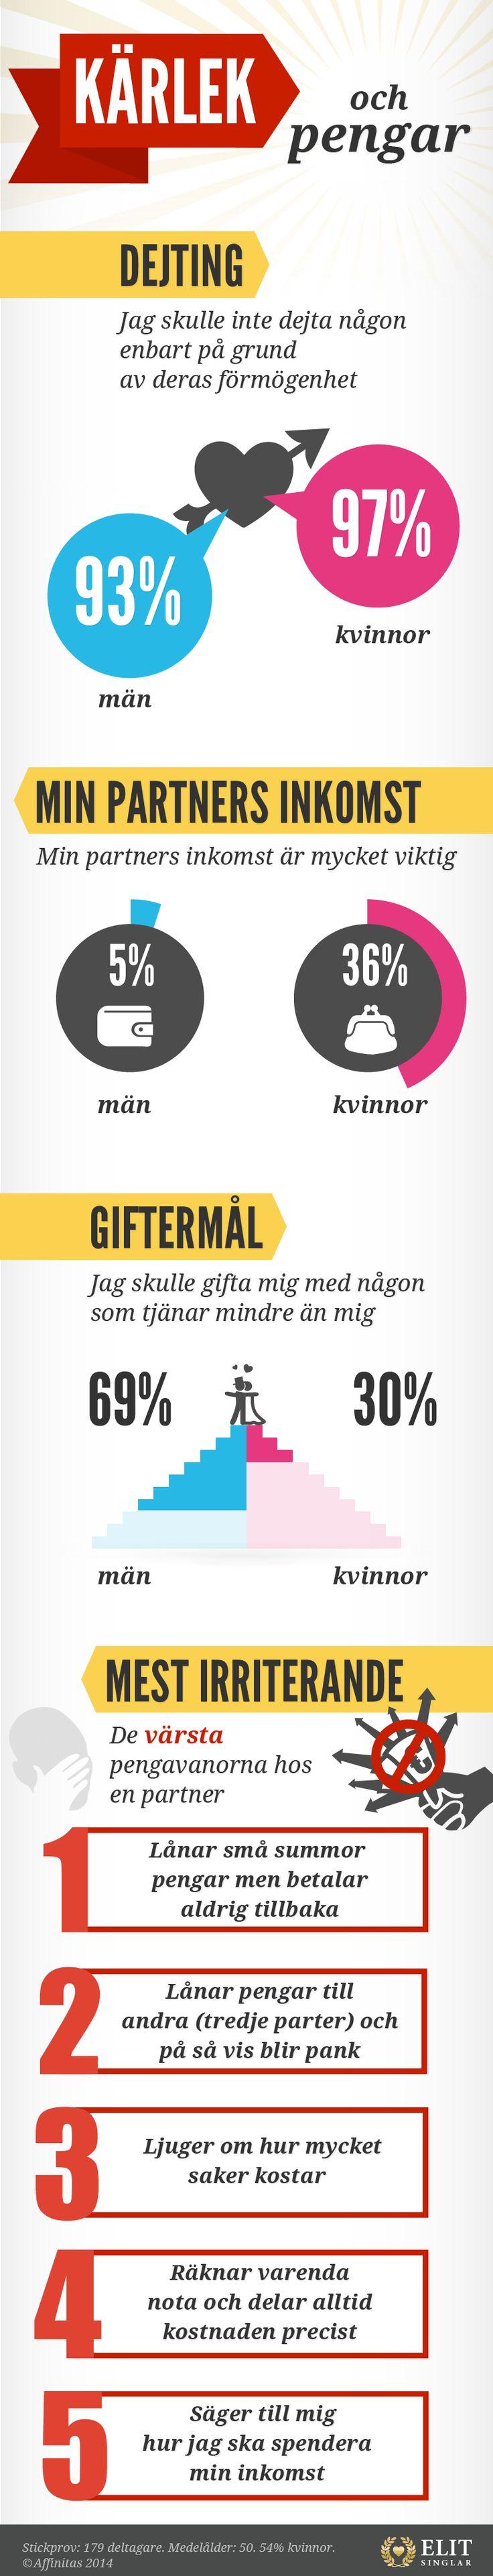 sverige dating sites Askøy